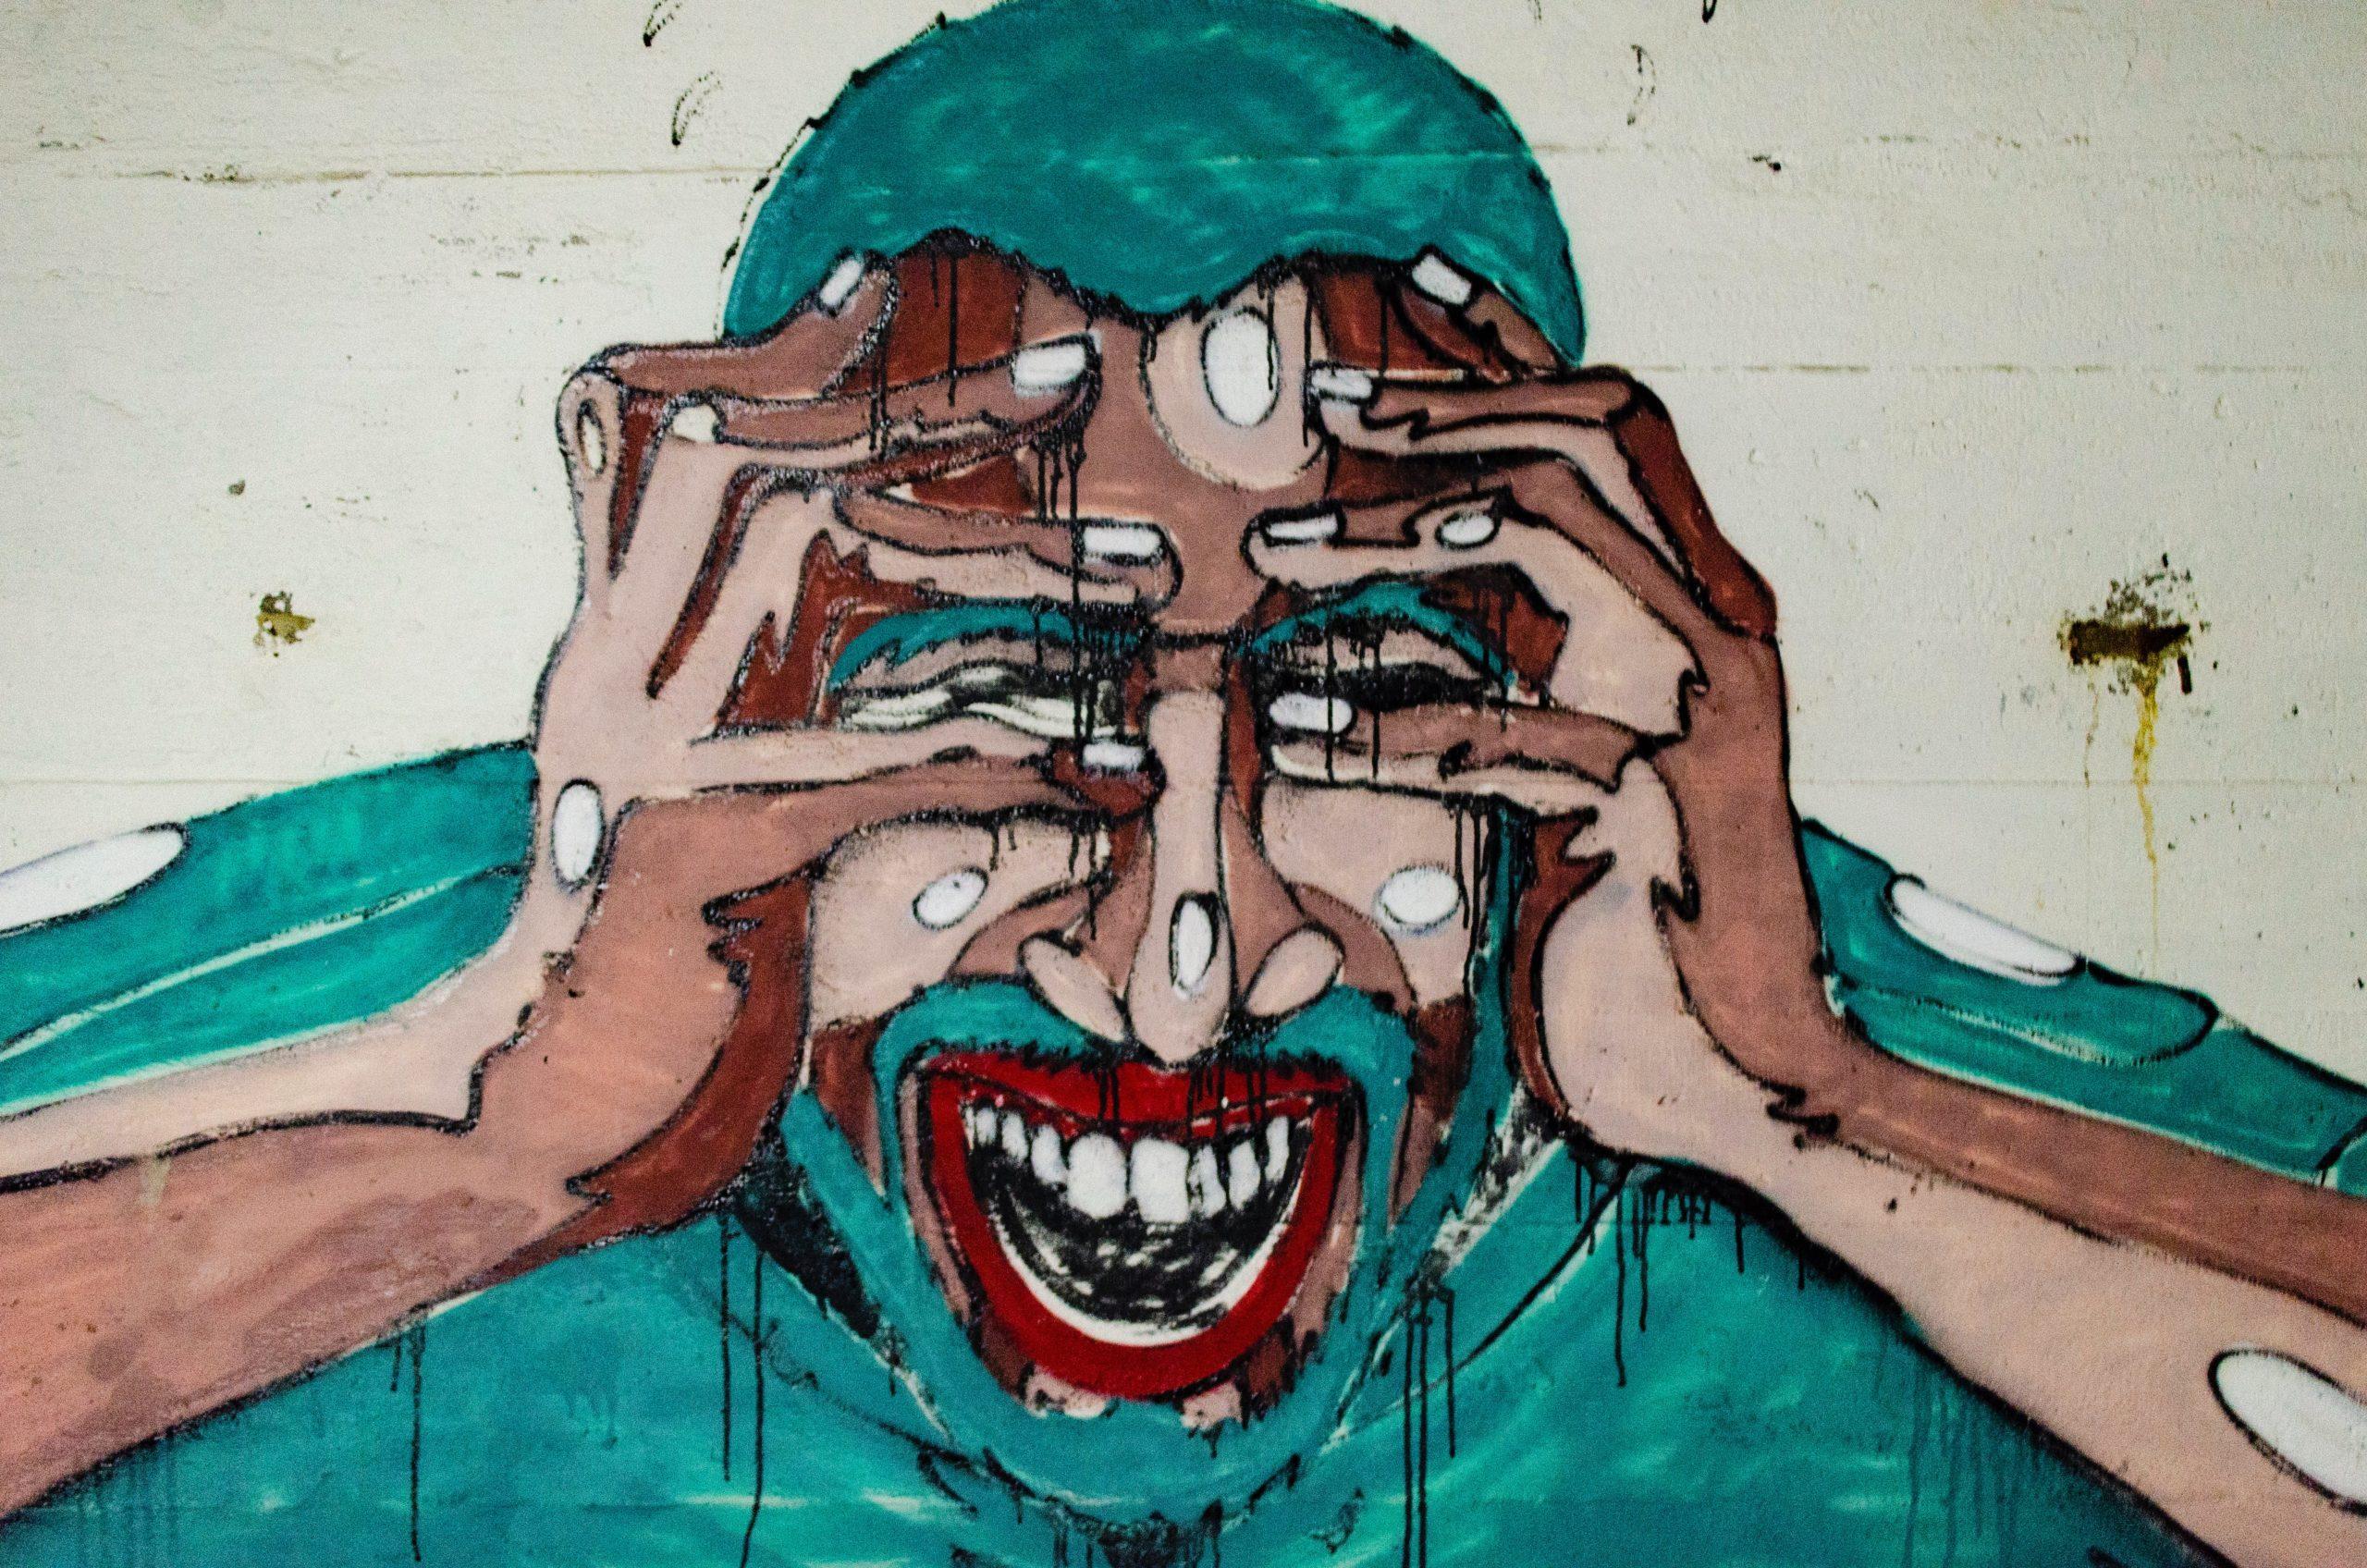 jouw verhaal rond pijn maakt het erg of juist niet erg